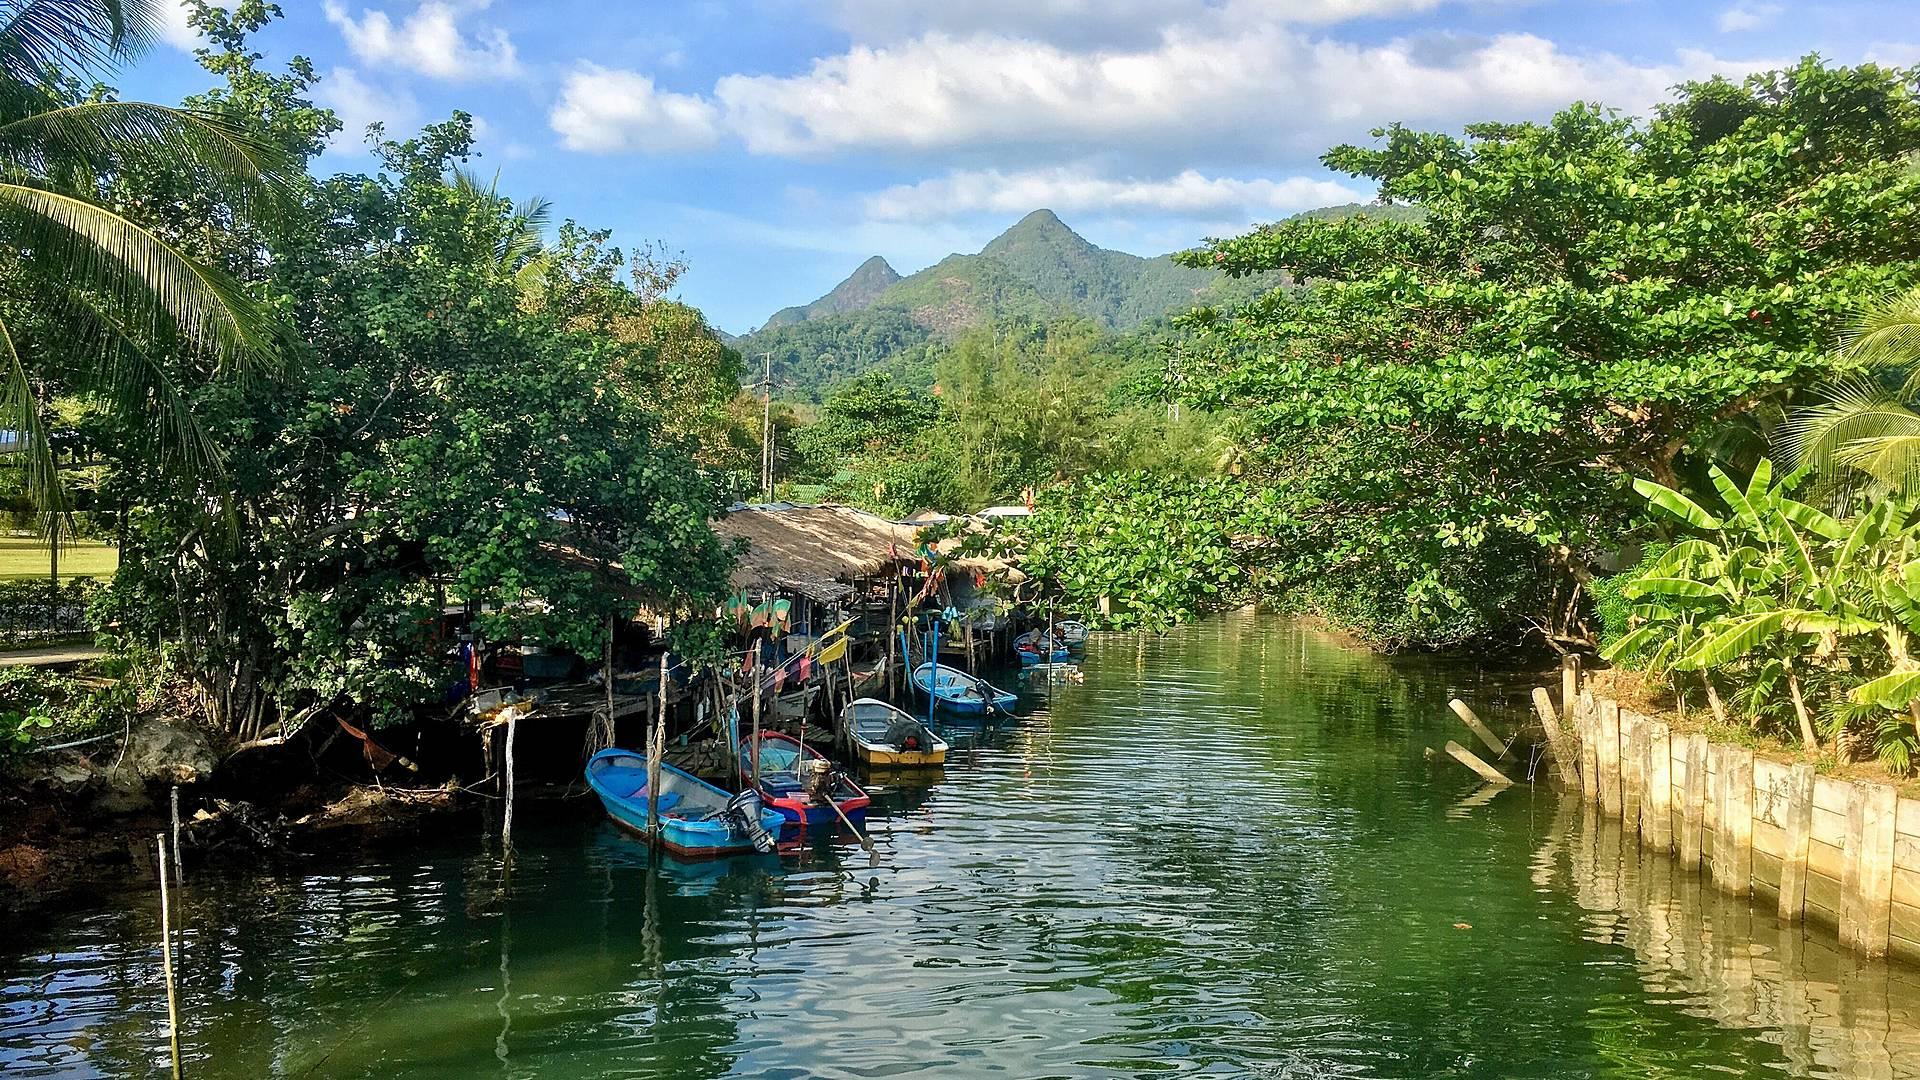 Avventura al fiume Kwai Nord con estensione isola Koh Samui